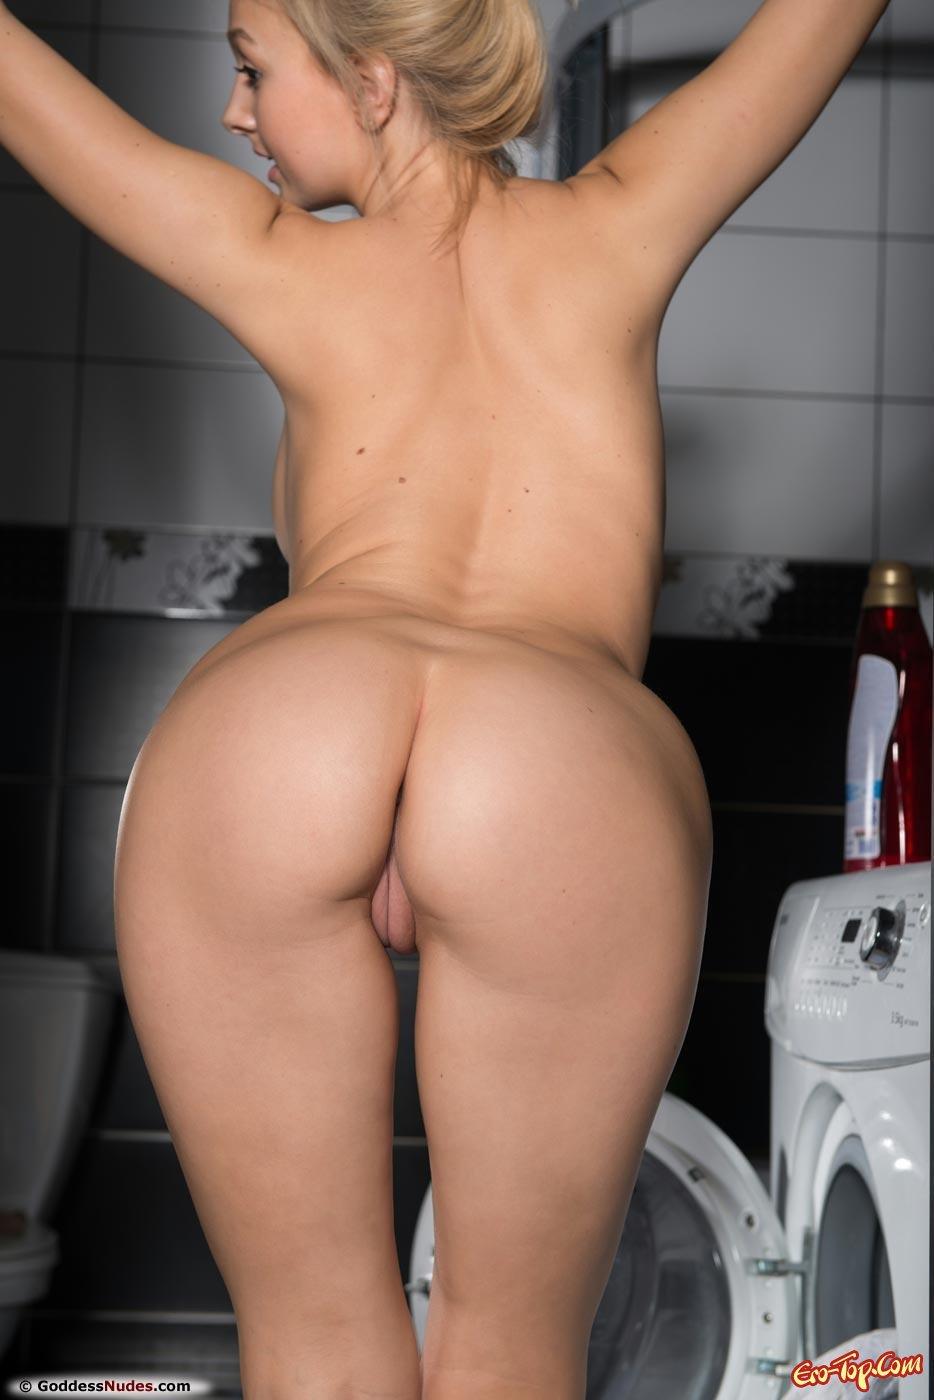 Русская на стиральной машине порно 10 фотография